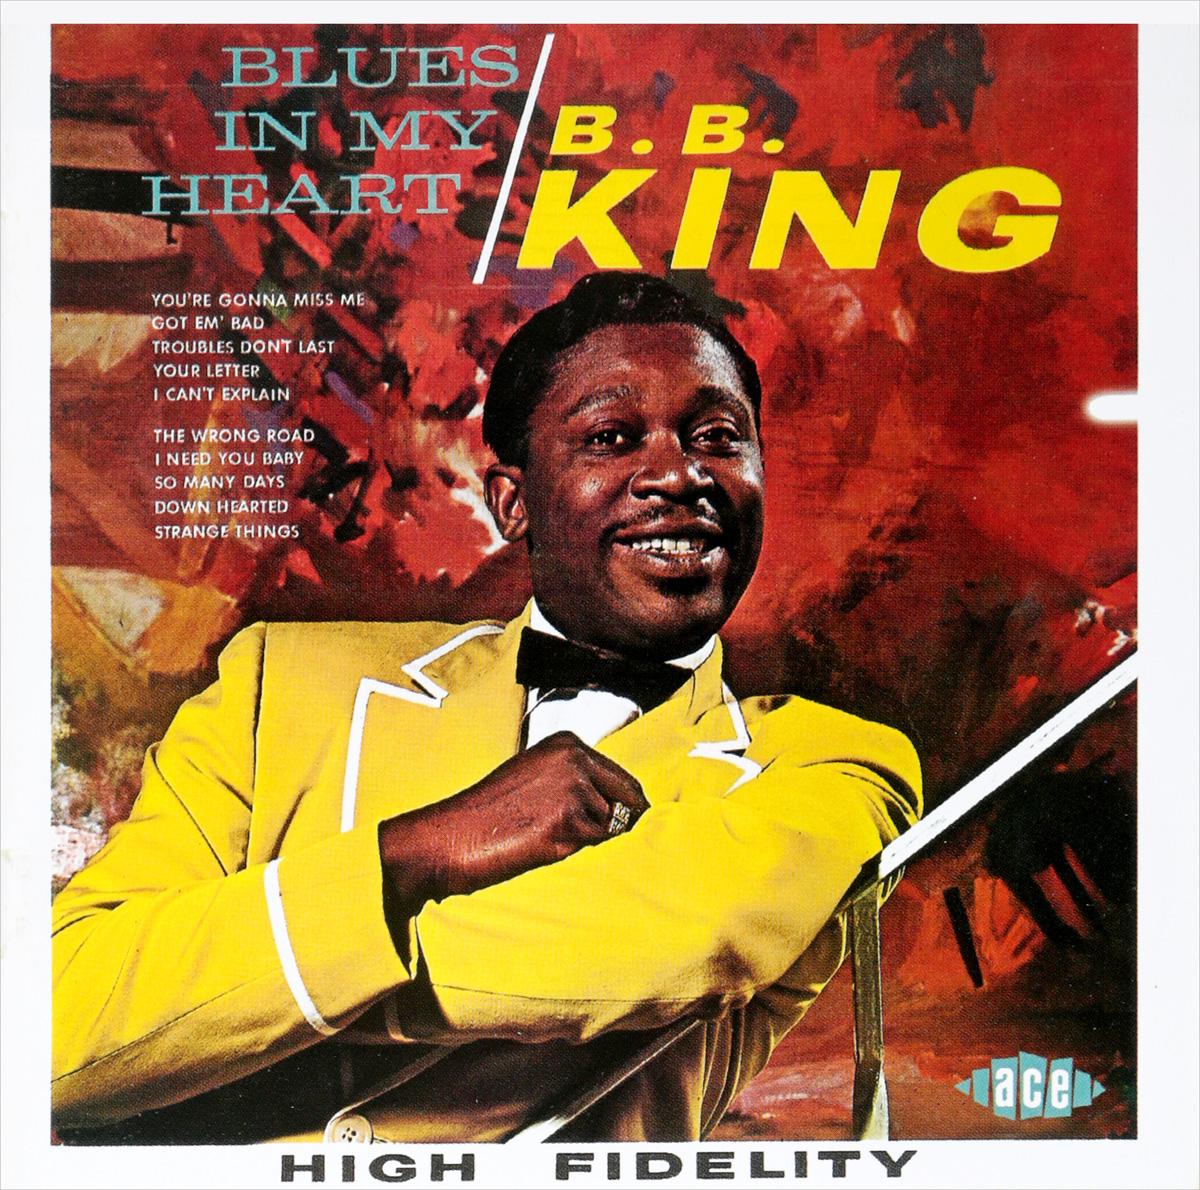 B.b. King. Blues In My Heart